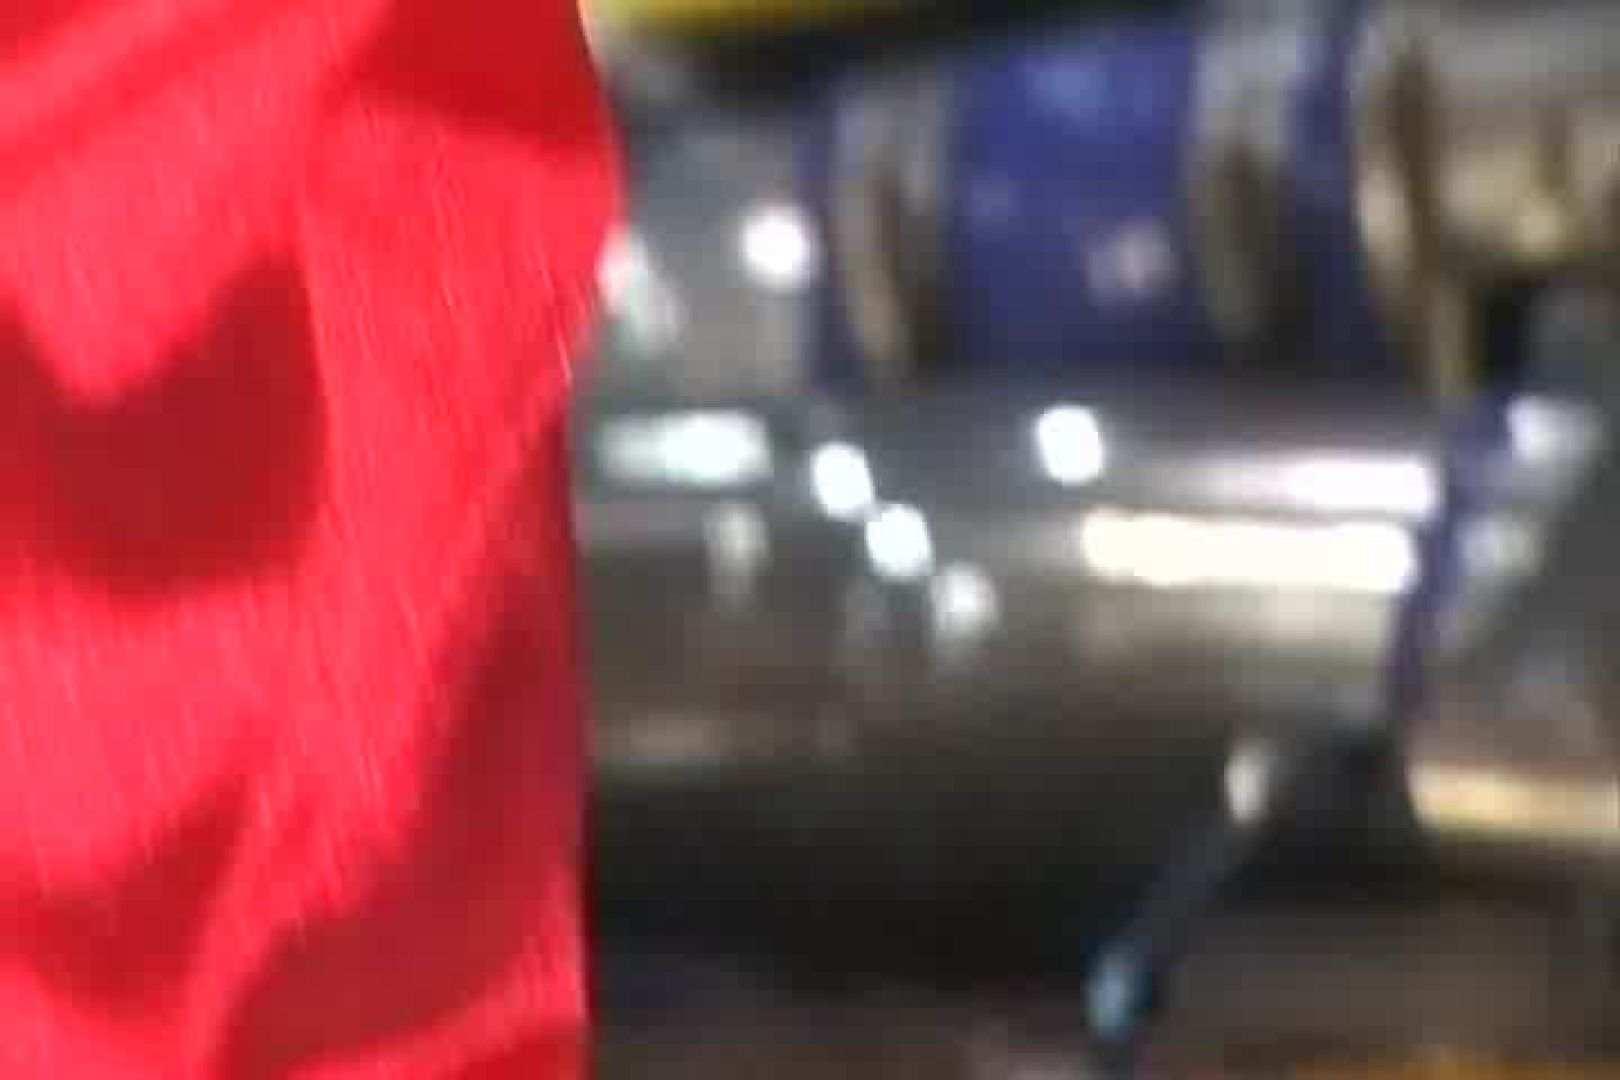 RQカメラ地獄Vol.22 OLの実態 盗撮えろ無修正画像 44pic 2